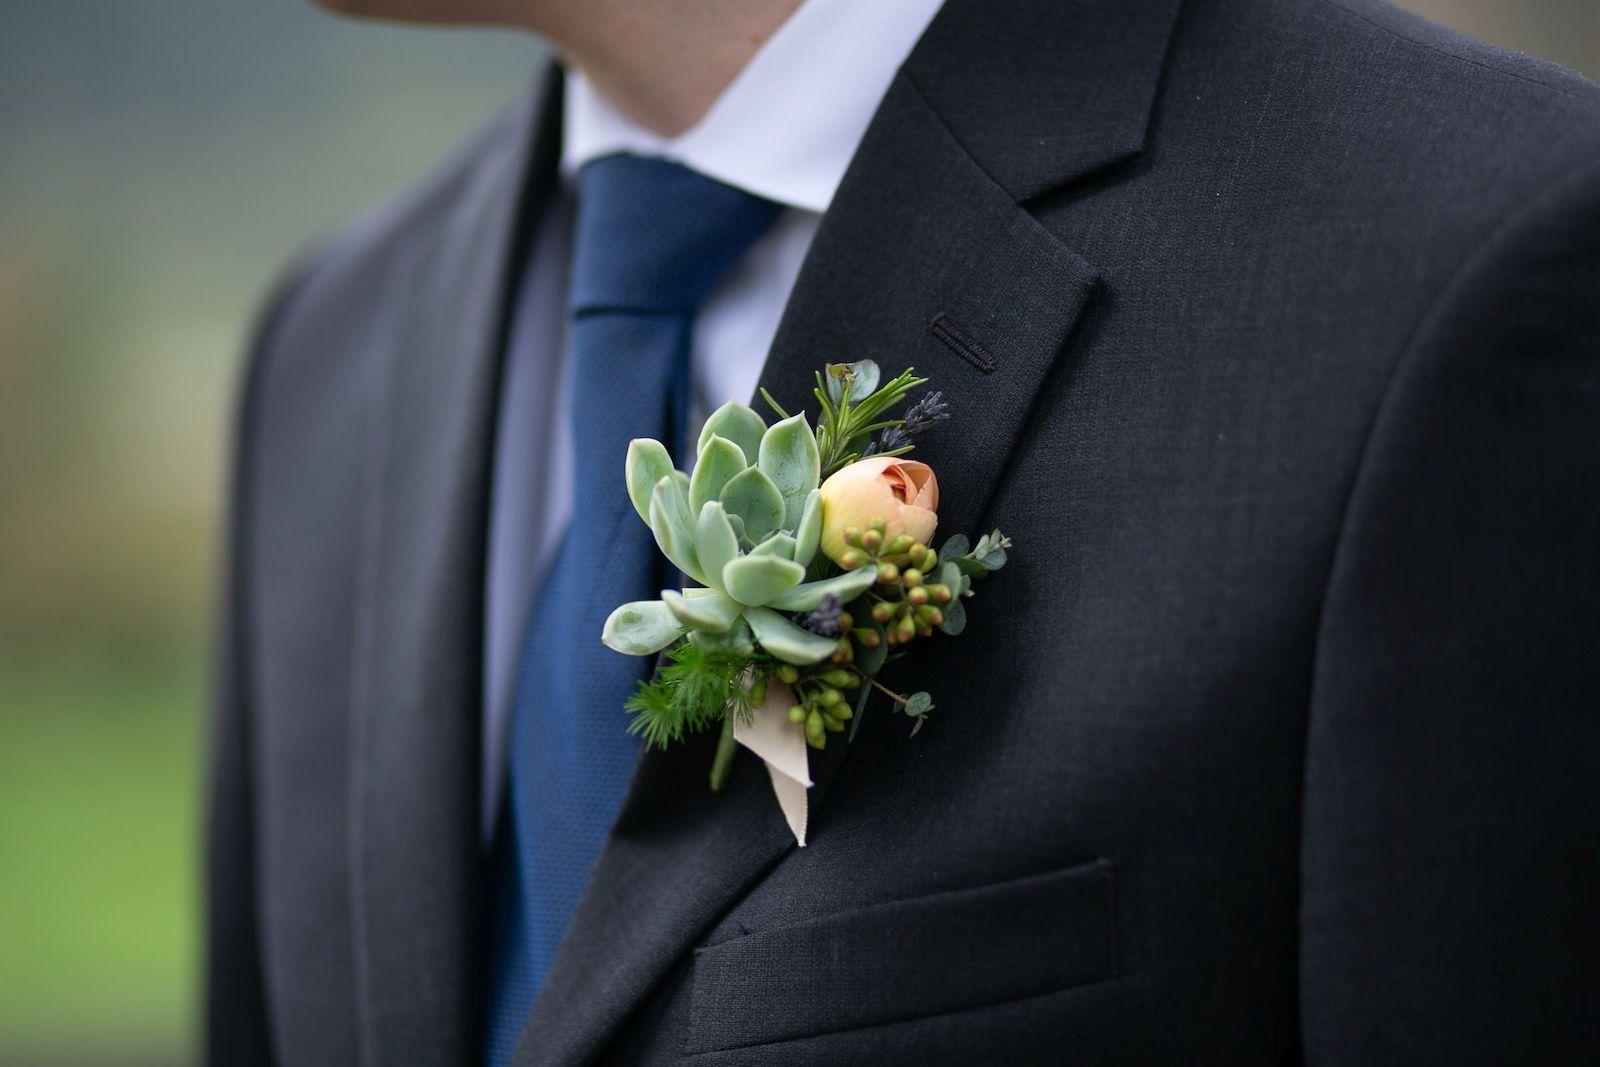 Botanica Floral Design - Wedding Floral Design in Portland Oregon